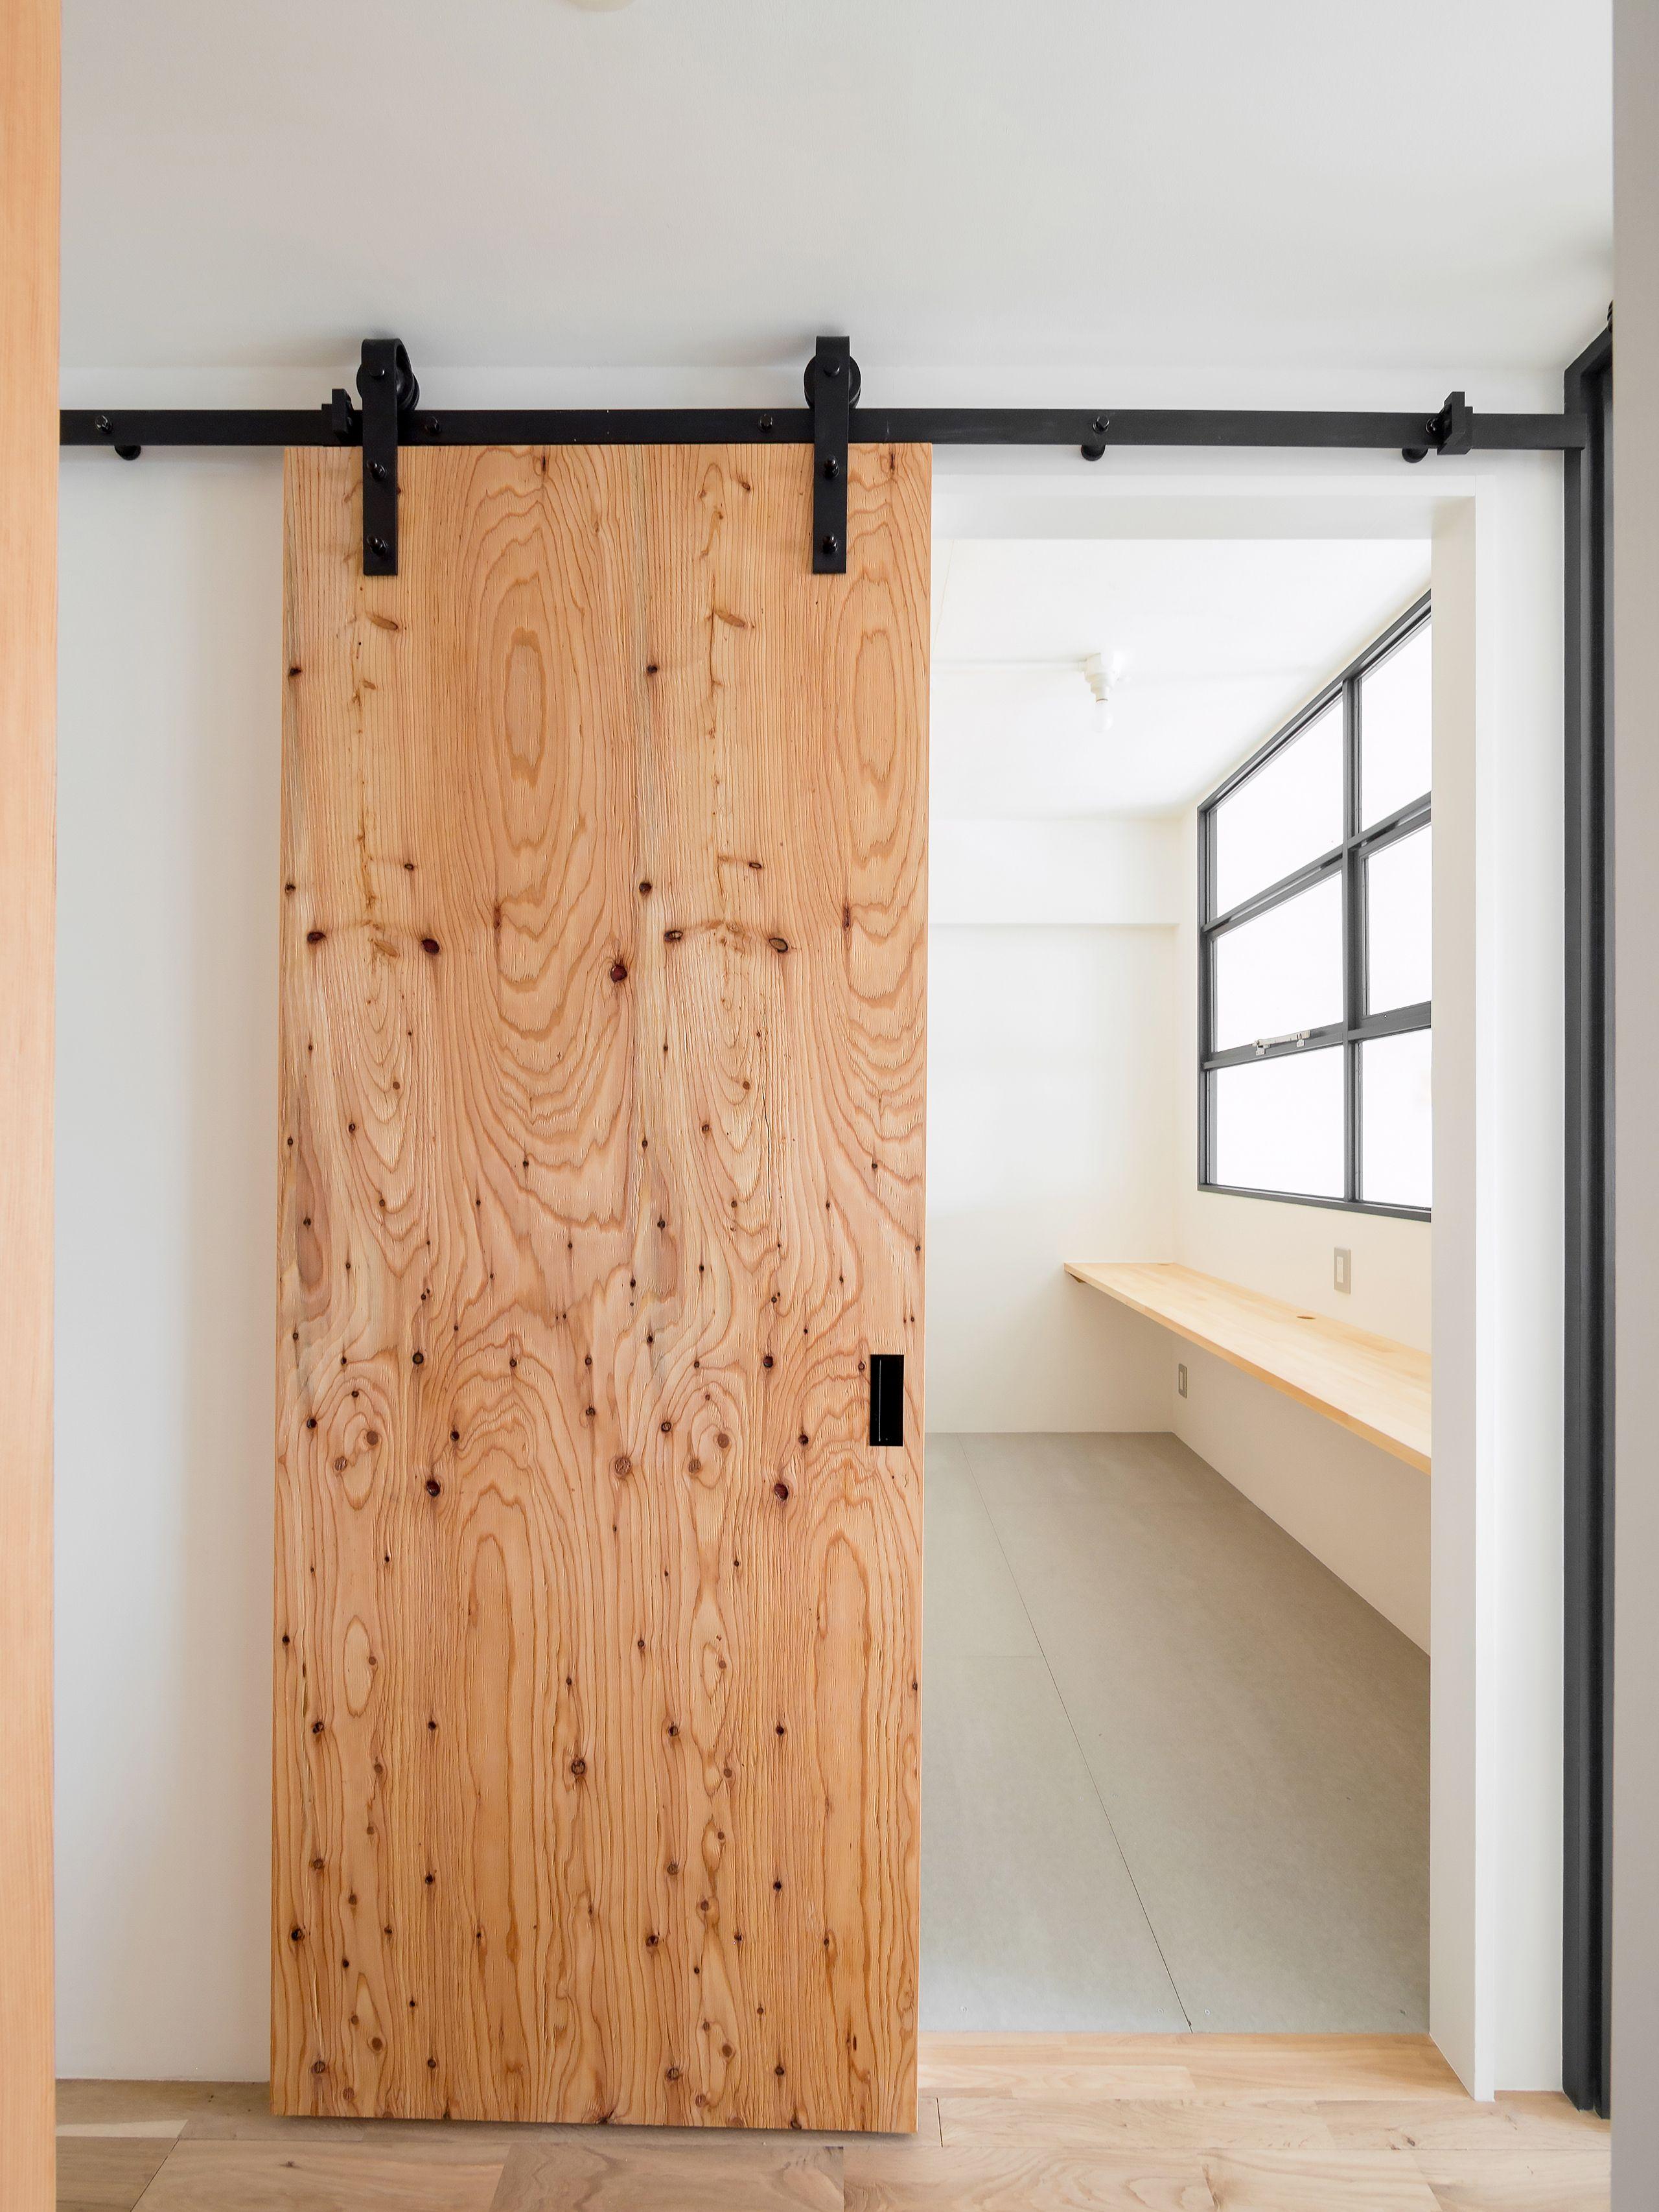 木とモノトーンの調和した家 ラーチ合板で仕上げたバーンドア ドア 建具 引き戸 レール ドアリフォーム 引き戸 レール 引き戸